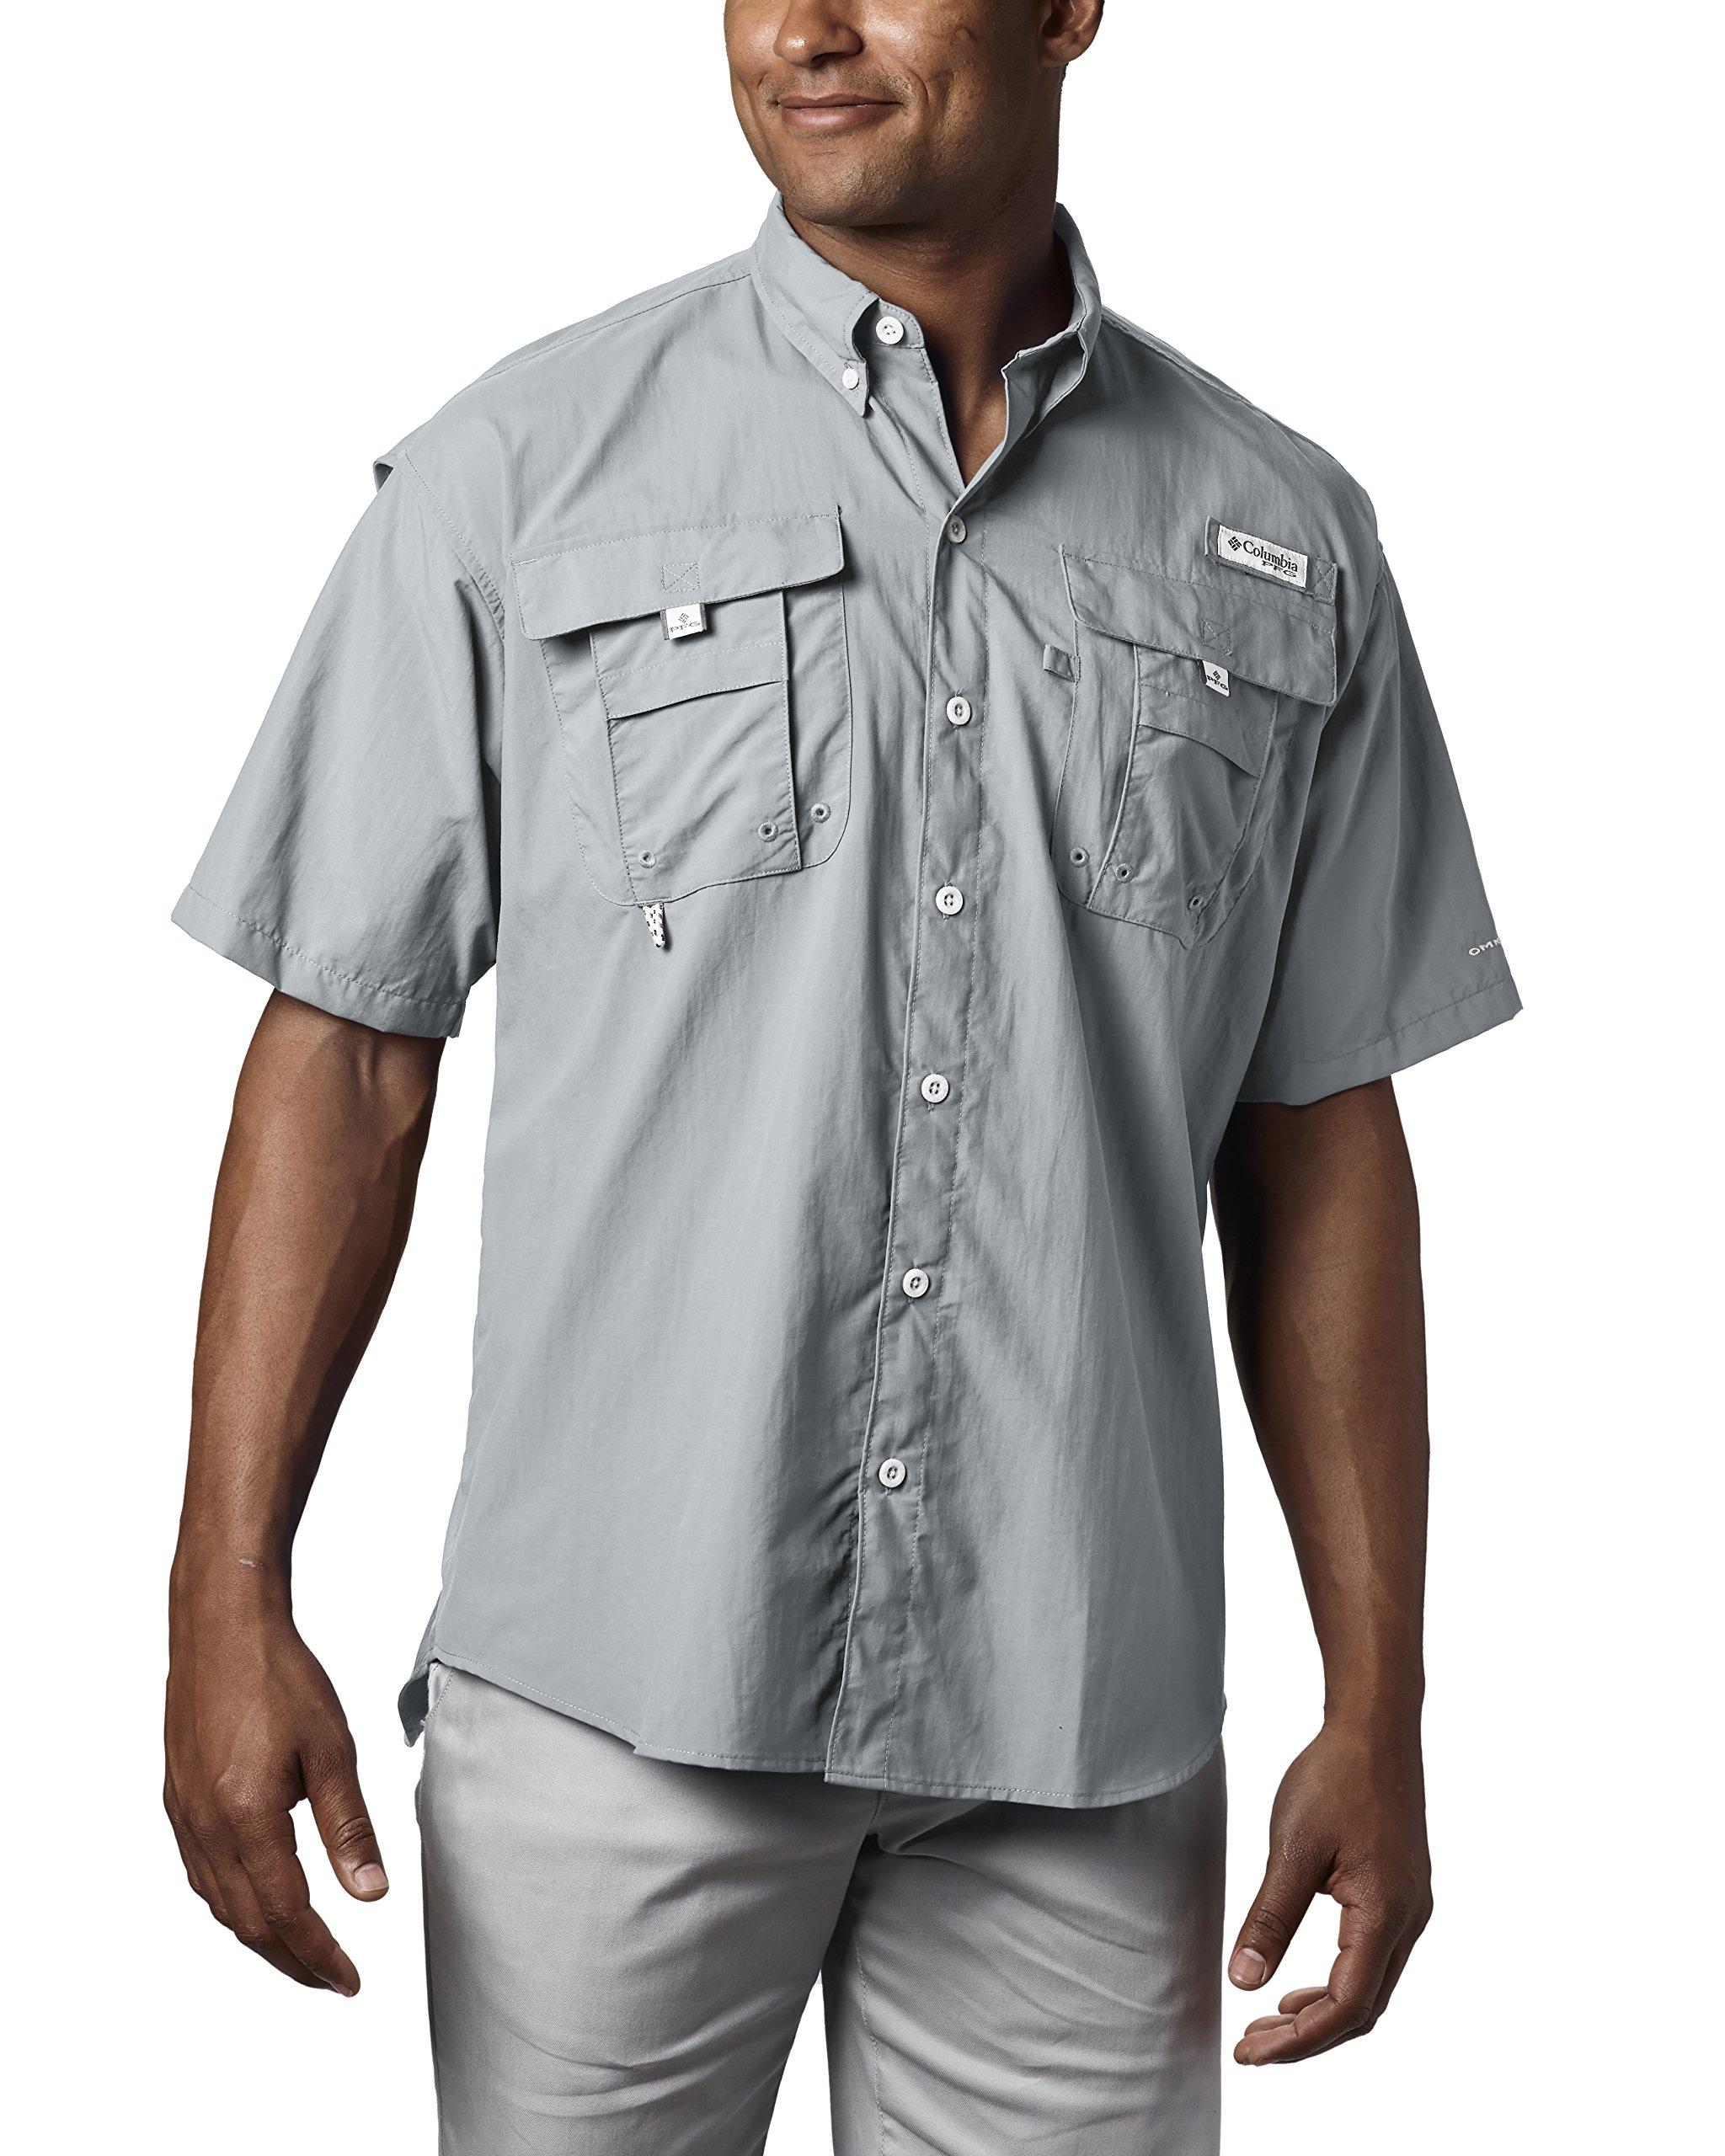 Columbia Men's PFG Bahama II Short Sleeve Shirt, Cool Grey, X-Small